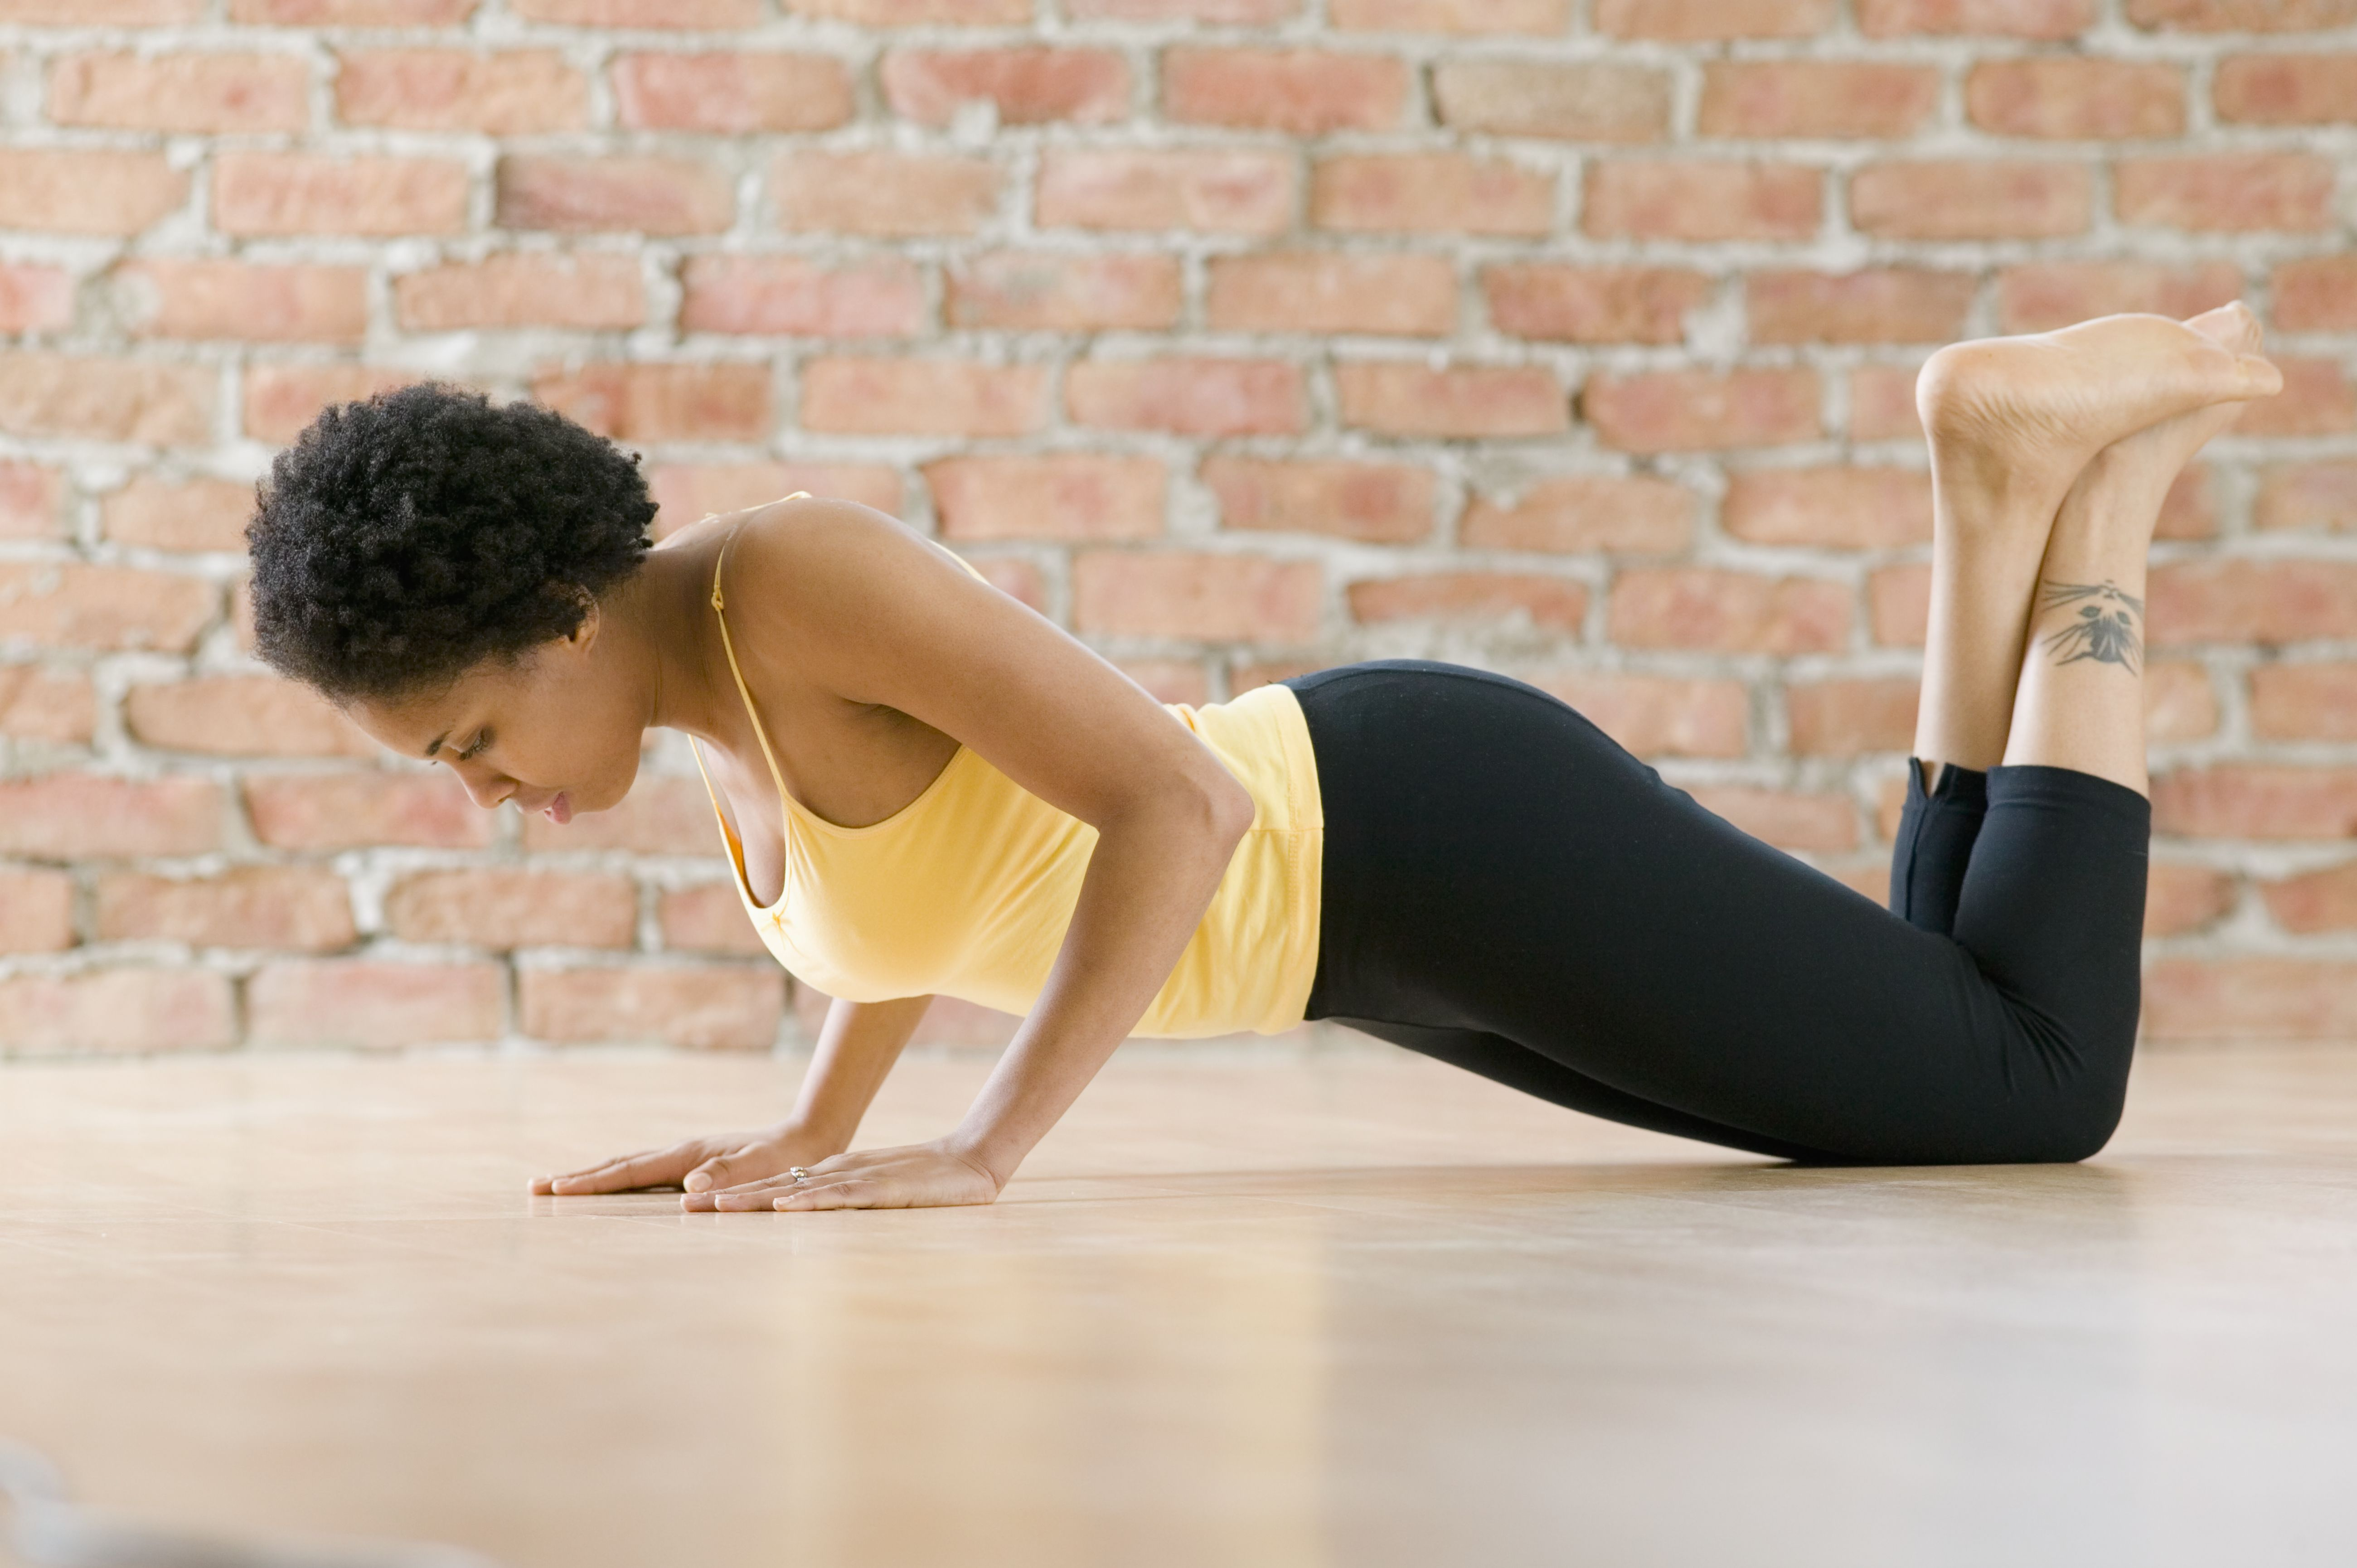 meilleur entraînement de la poitrine pour les femmes